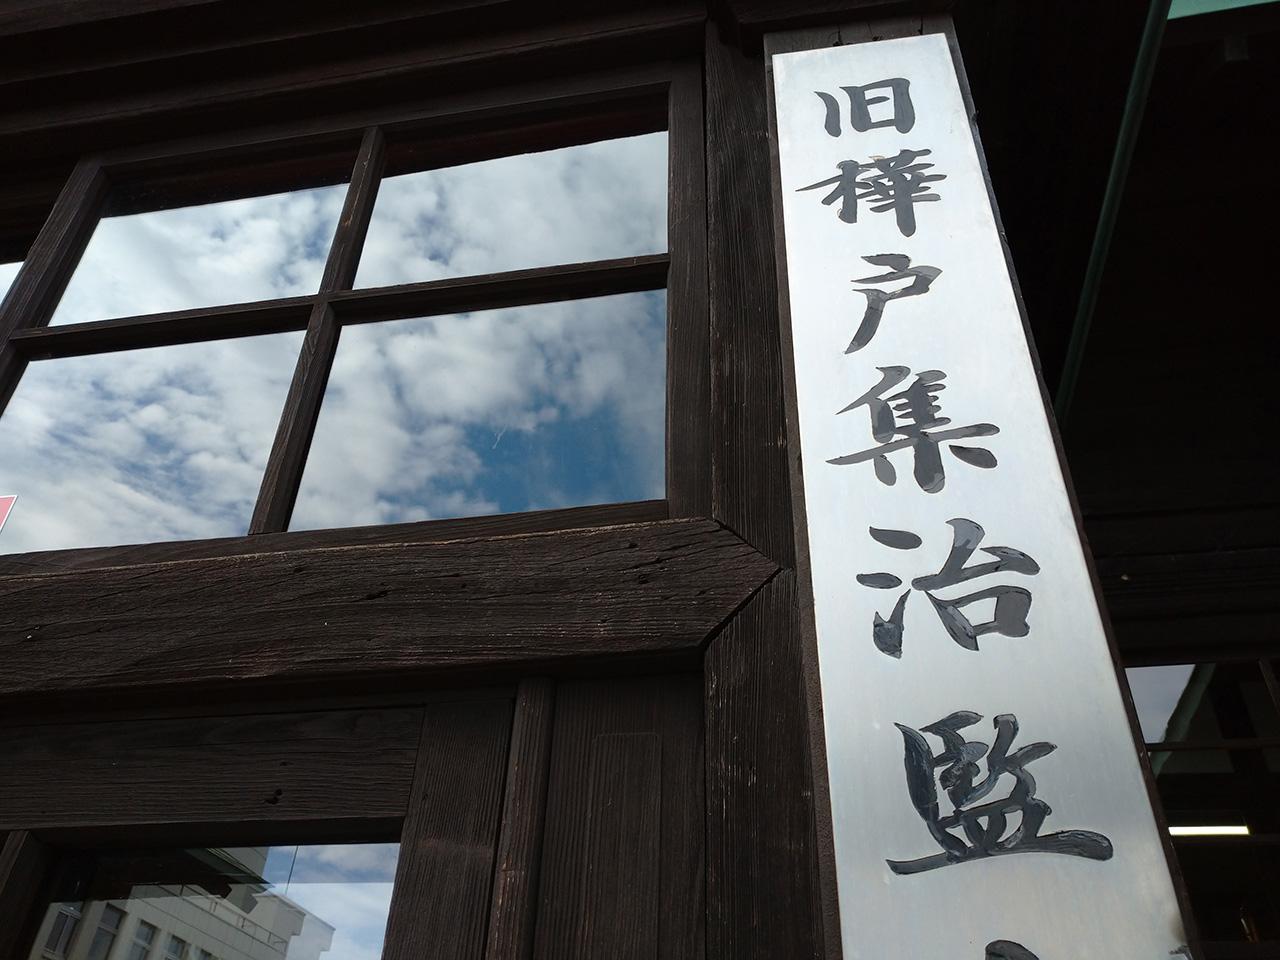 画像:樺戸集治監本庁舎(月形樺戸博物館)(2)